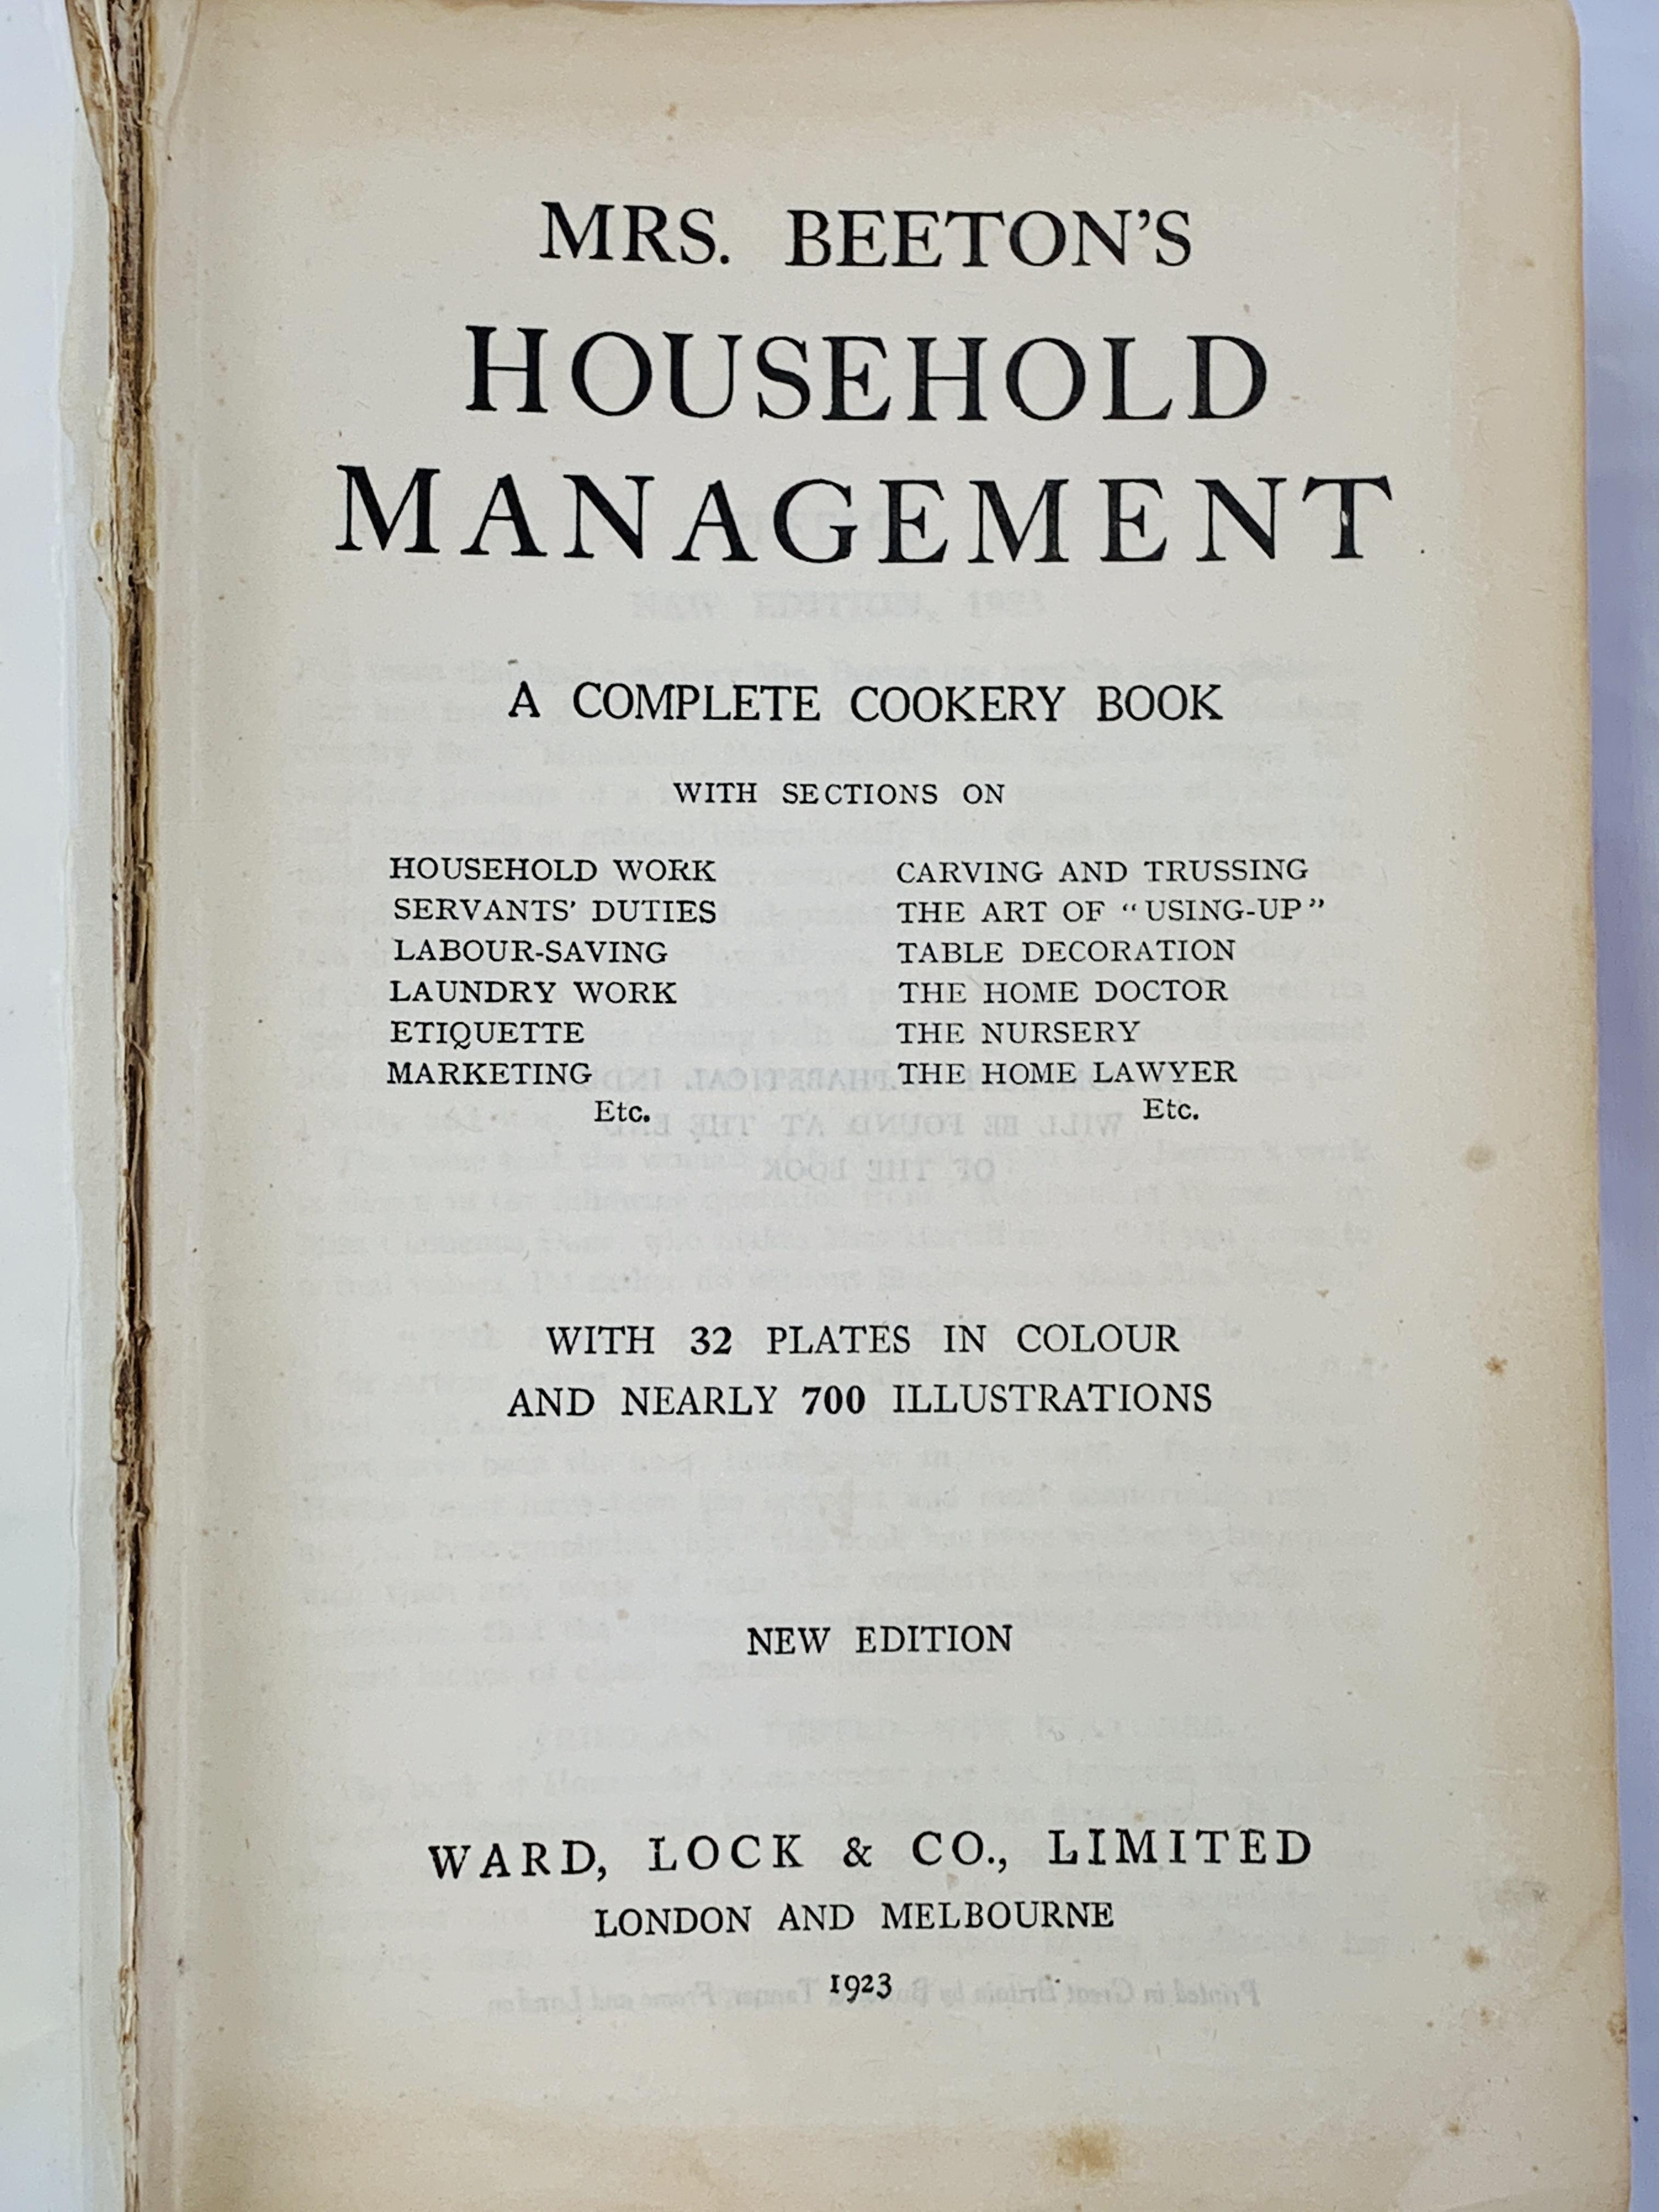 Mrs Beeton's Household Management, published 1923 - Image 2 of 4